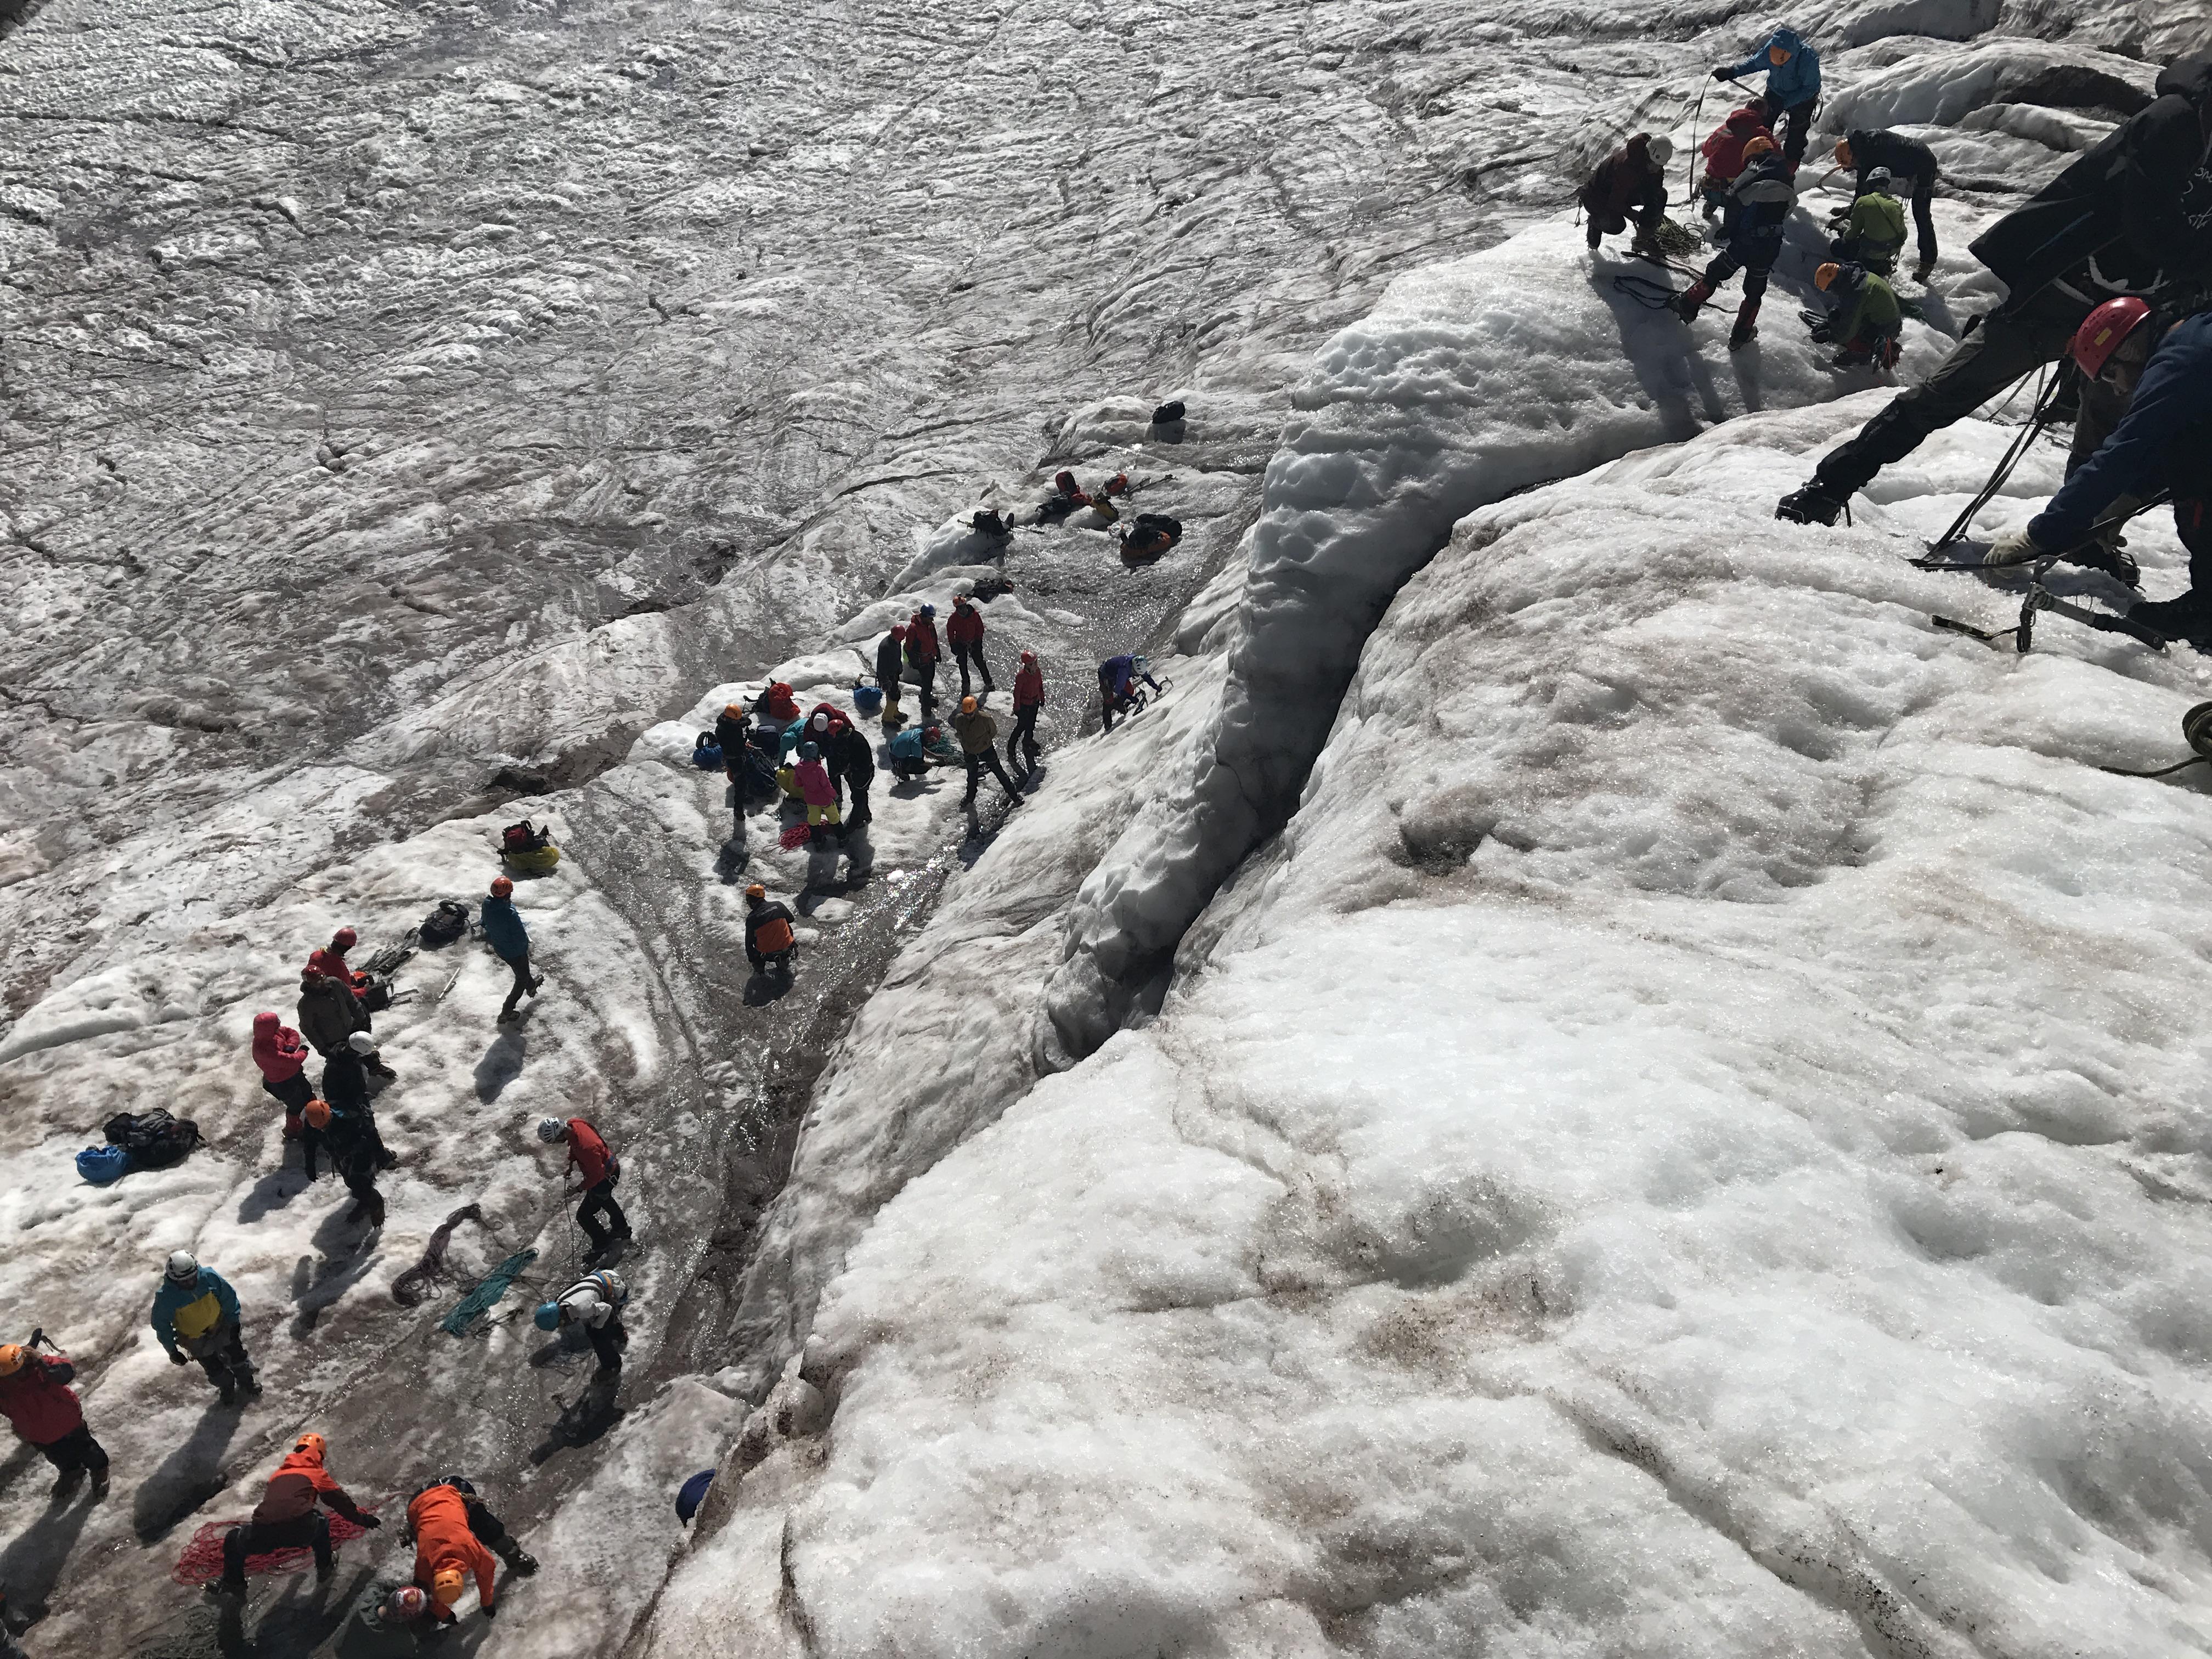 İleri Kar Buz Eğitimi - Rize/Kazbek Başvuruları